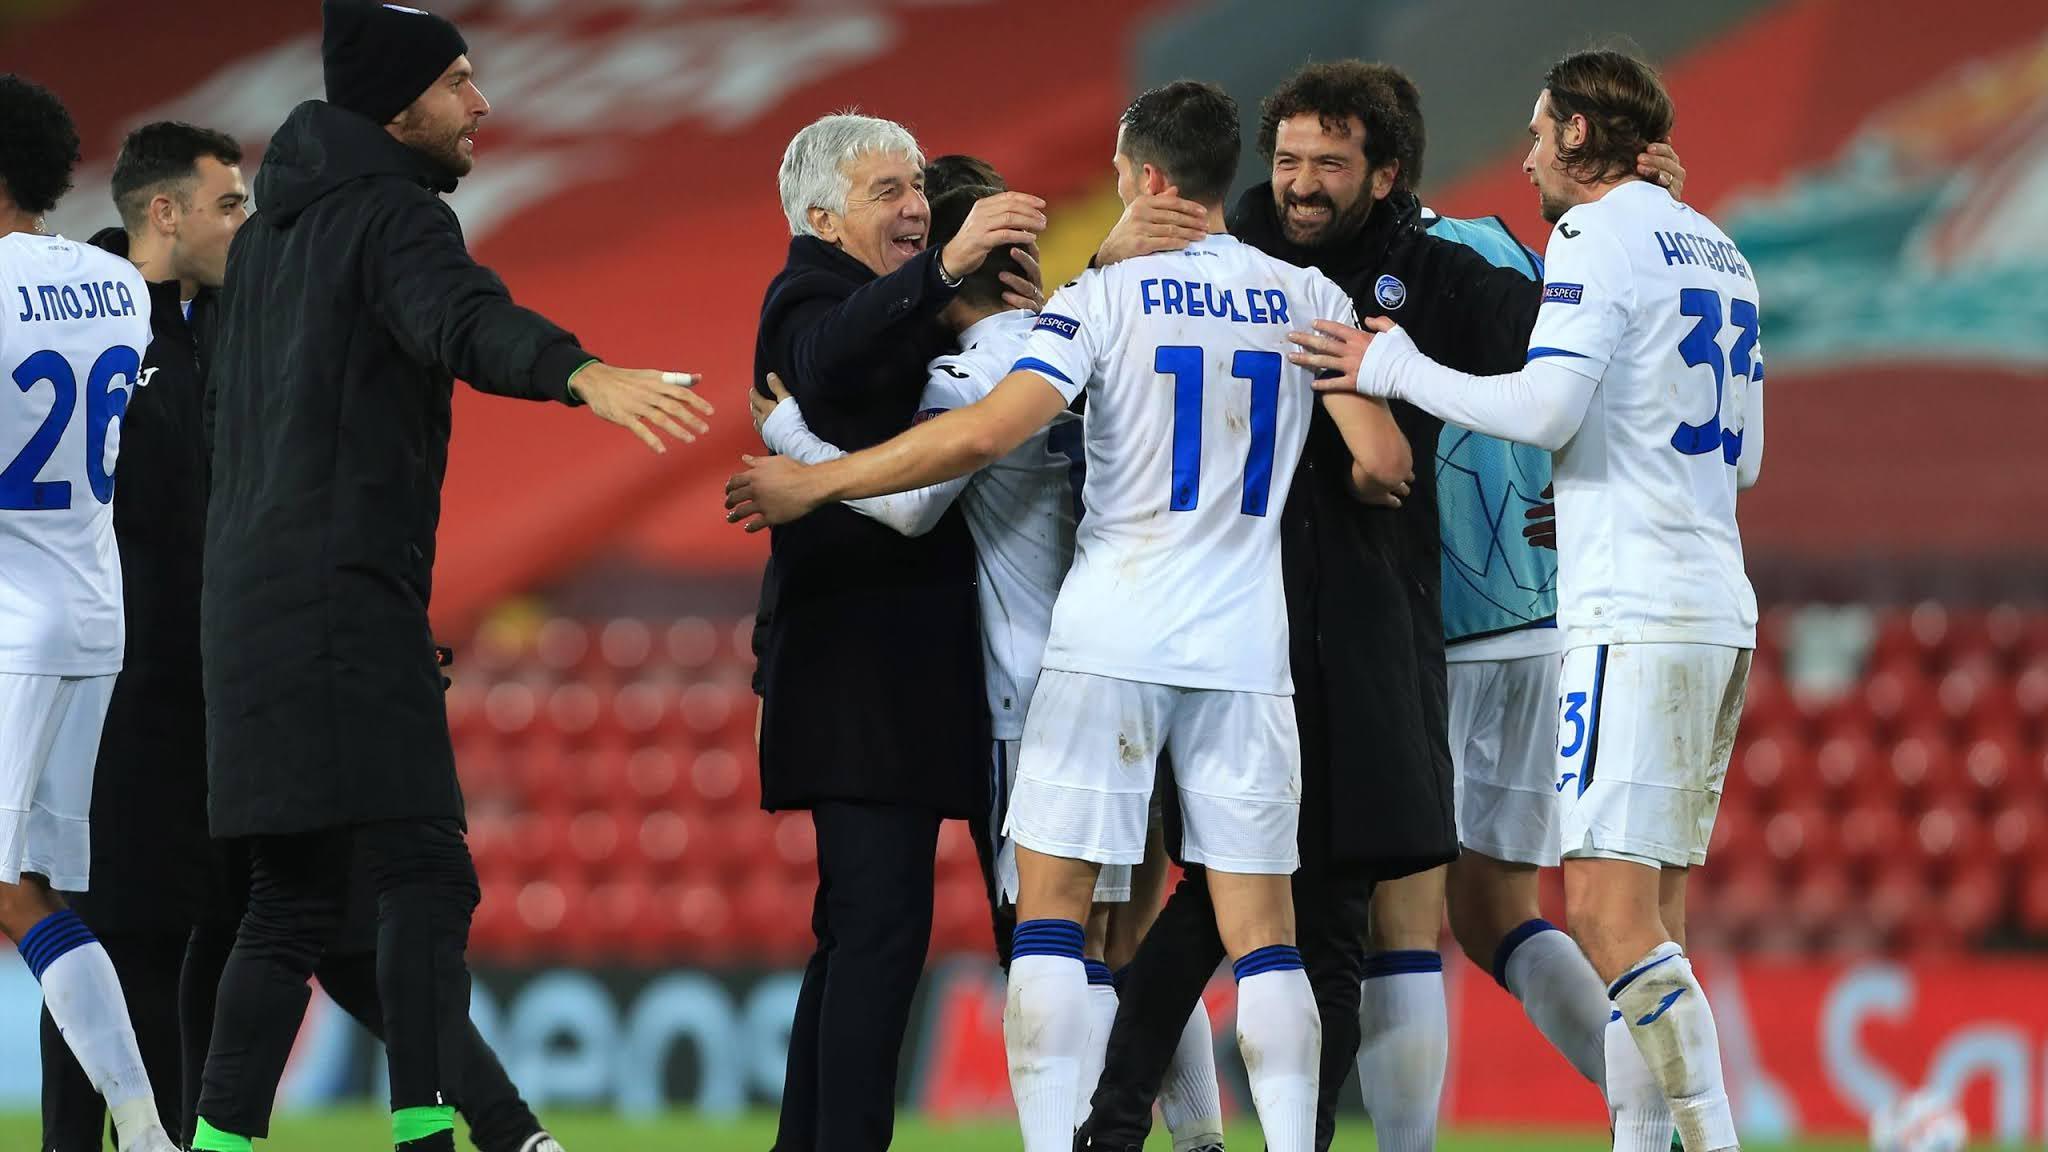 Gian Piero Gasperini celebrates in 2-0 win against Liverpool